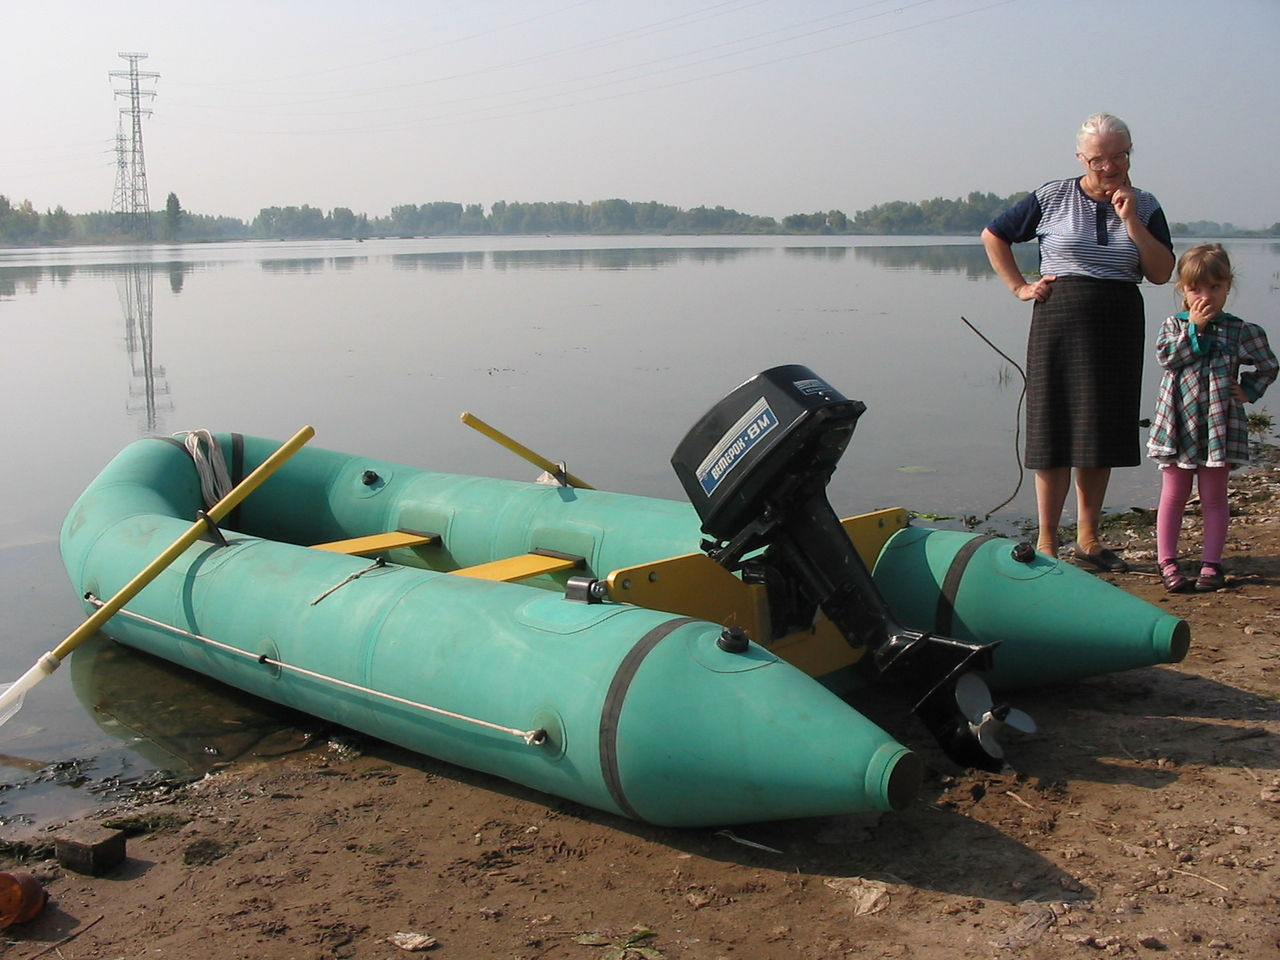 лодку резиновую ремонтировать